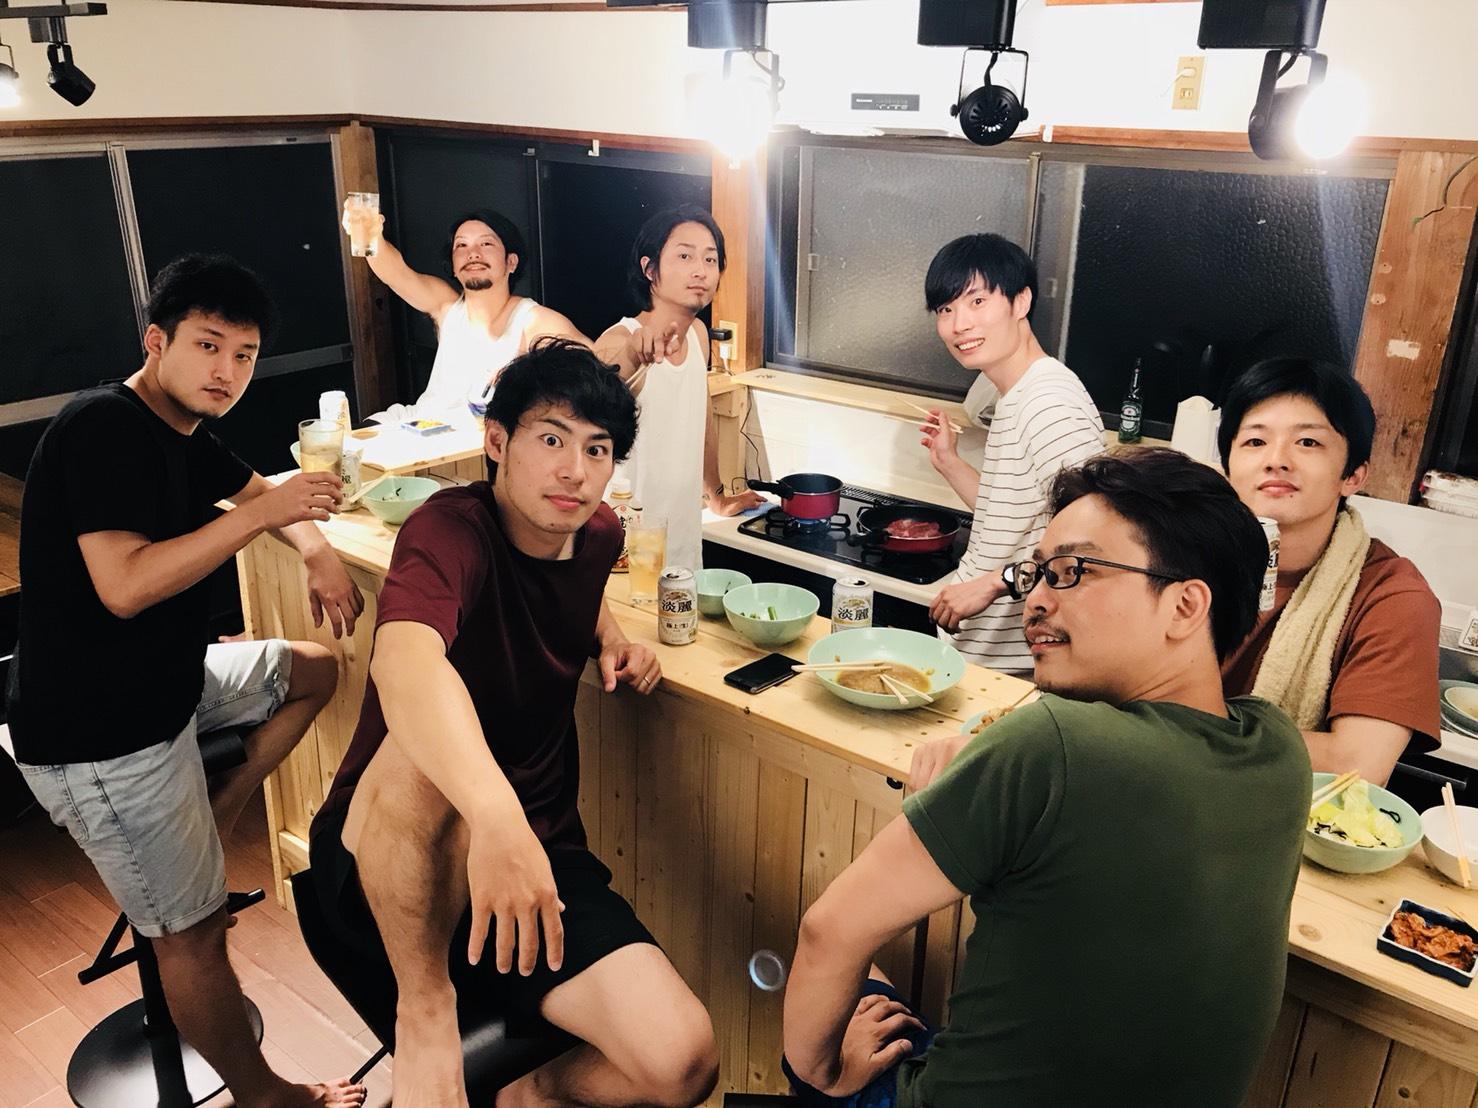 SHARE BASE 昭和村のダイニングキッチン